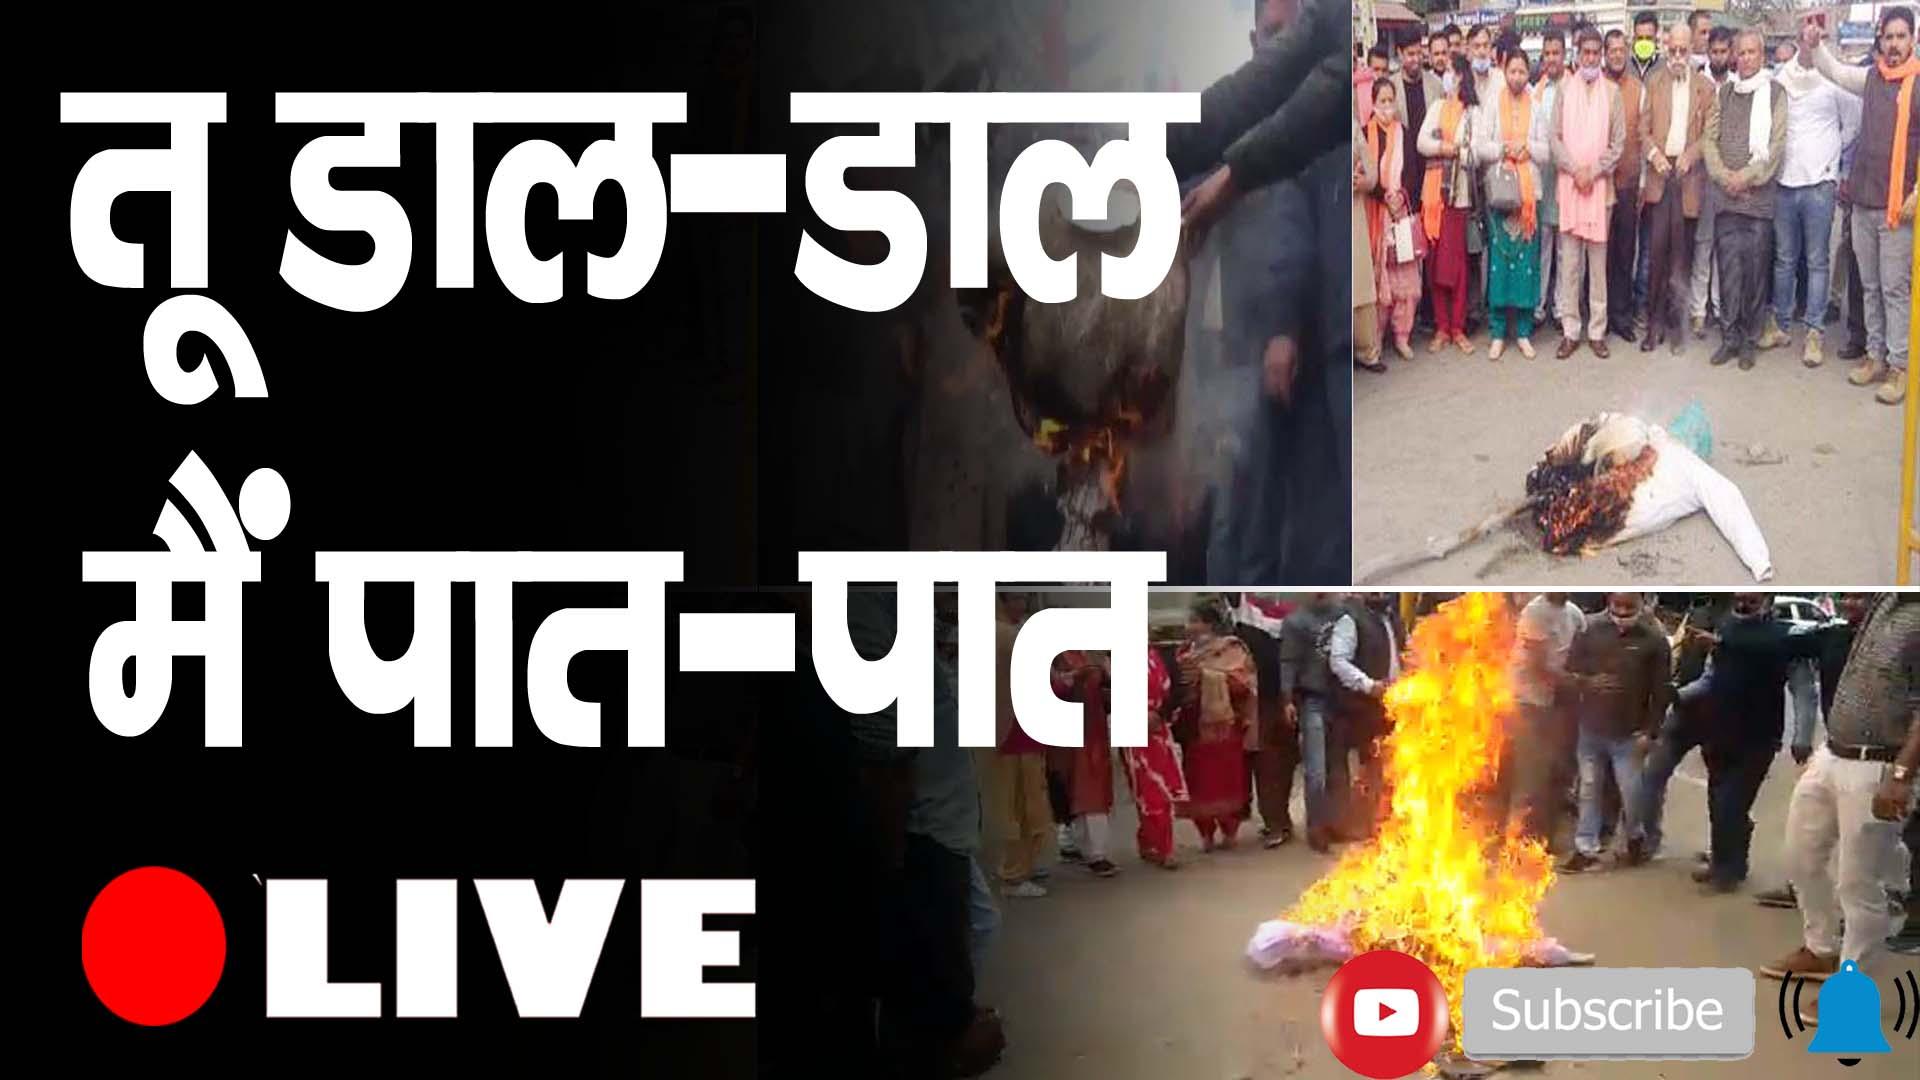 हिमाचल बीजेपी-कांग्रेस में आरोप-प्रत्यारोप का सिलसिला शुरू,सड़क तक पहुंचा विरोध प्रदर्शन